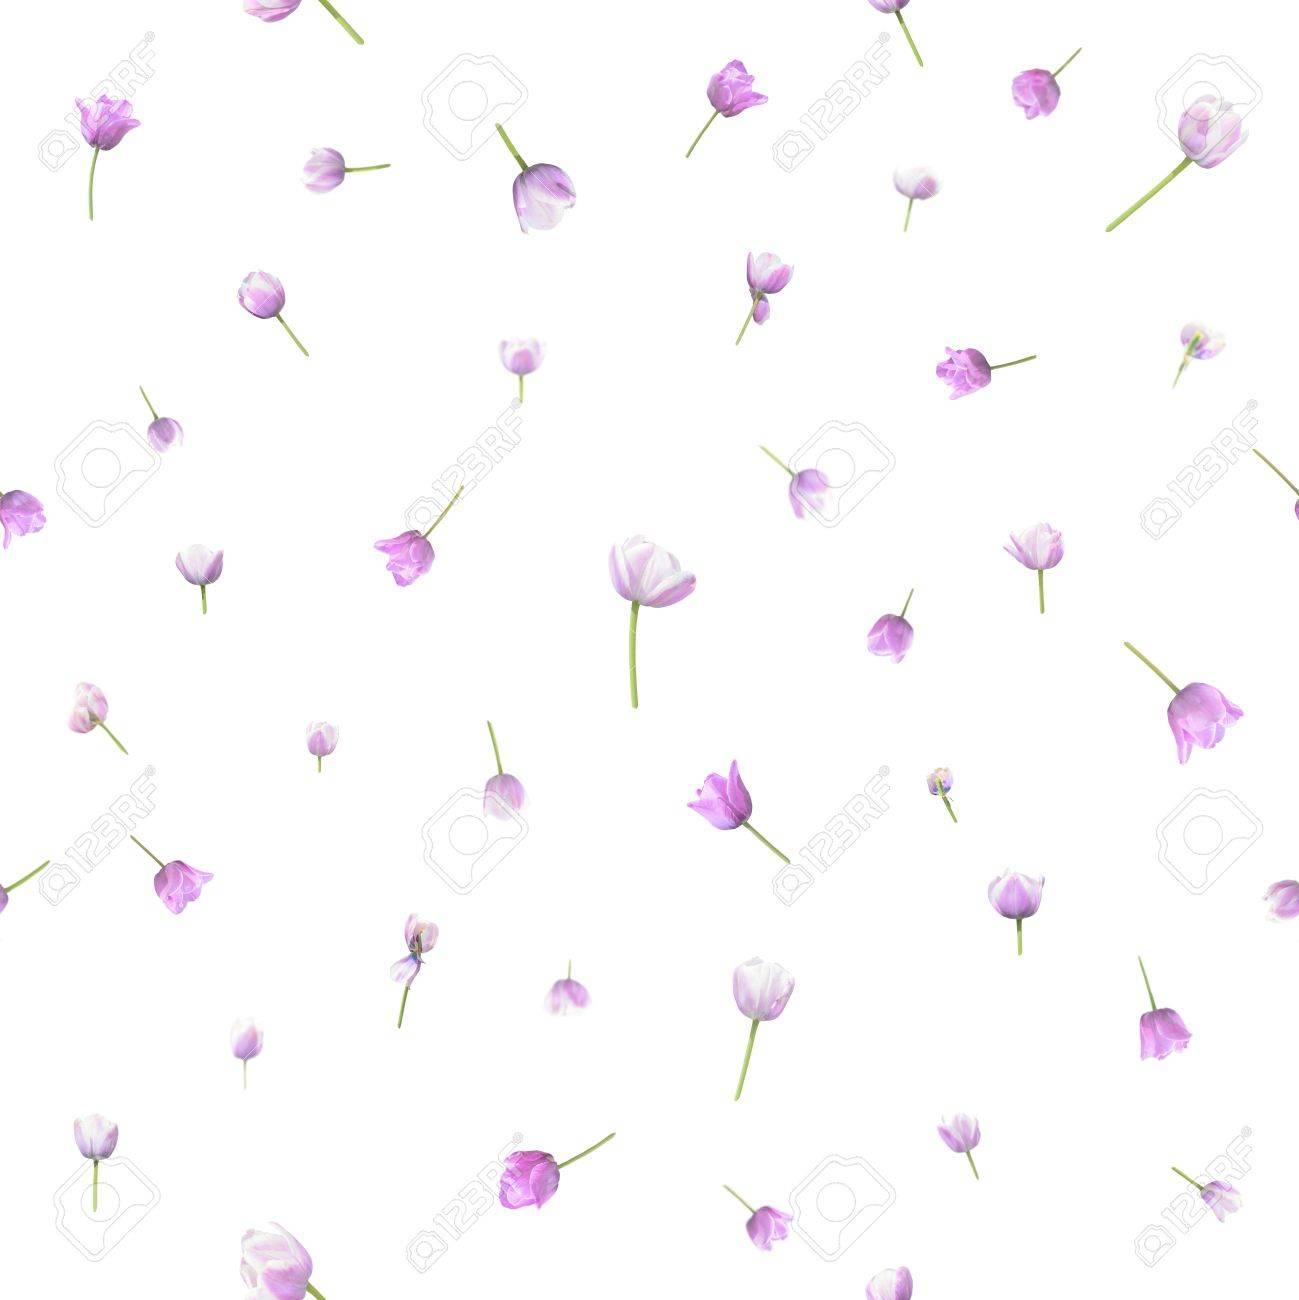 Répétitif, fleur fond transparent de 41 photographies différentes de  tulipes de deux spécimen similaire, dans la profondeur de champ, isolé sur  blanc.